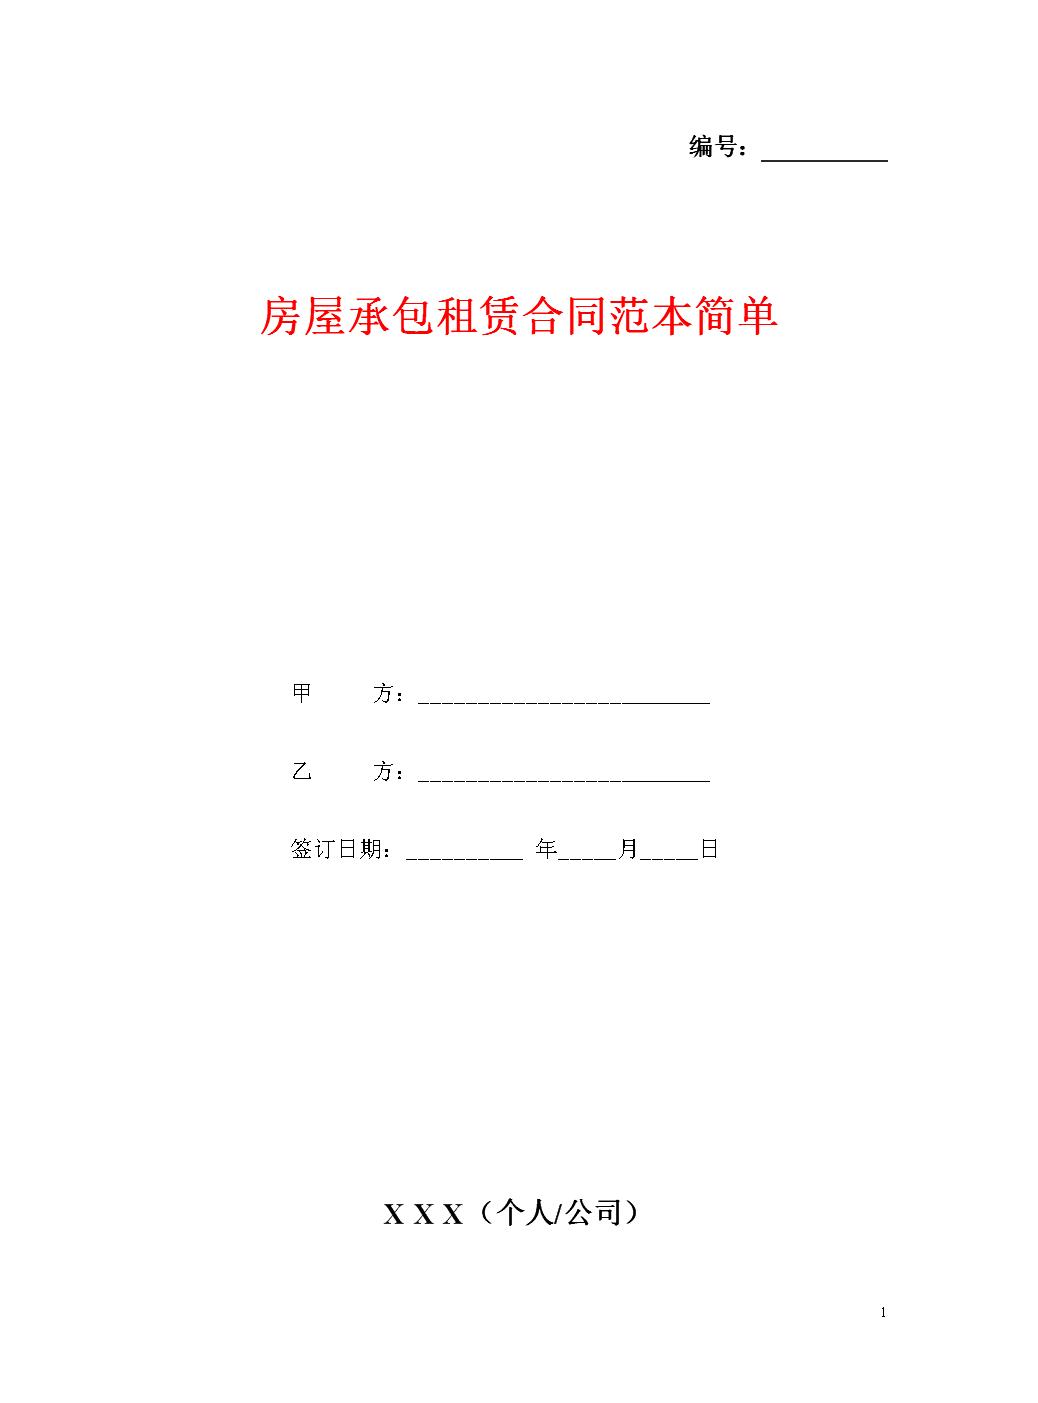 房屋承包租赁合同范本简单 .doc